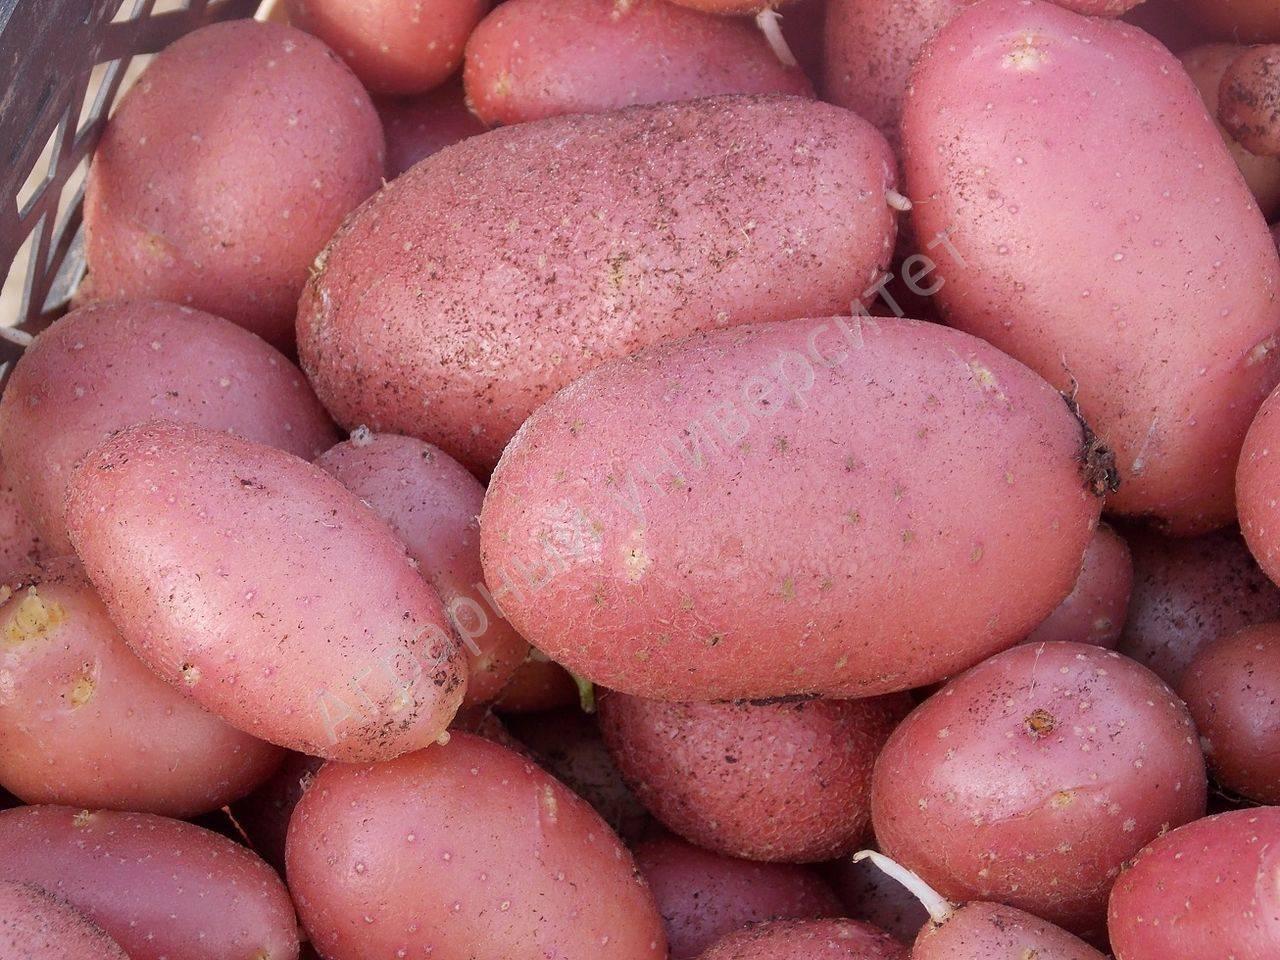 Картофель ред скарлет - характеристика и описание сорта, особенности выращивания